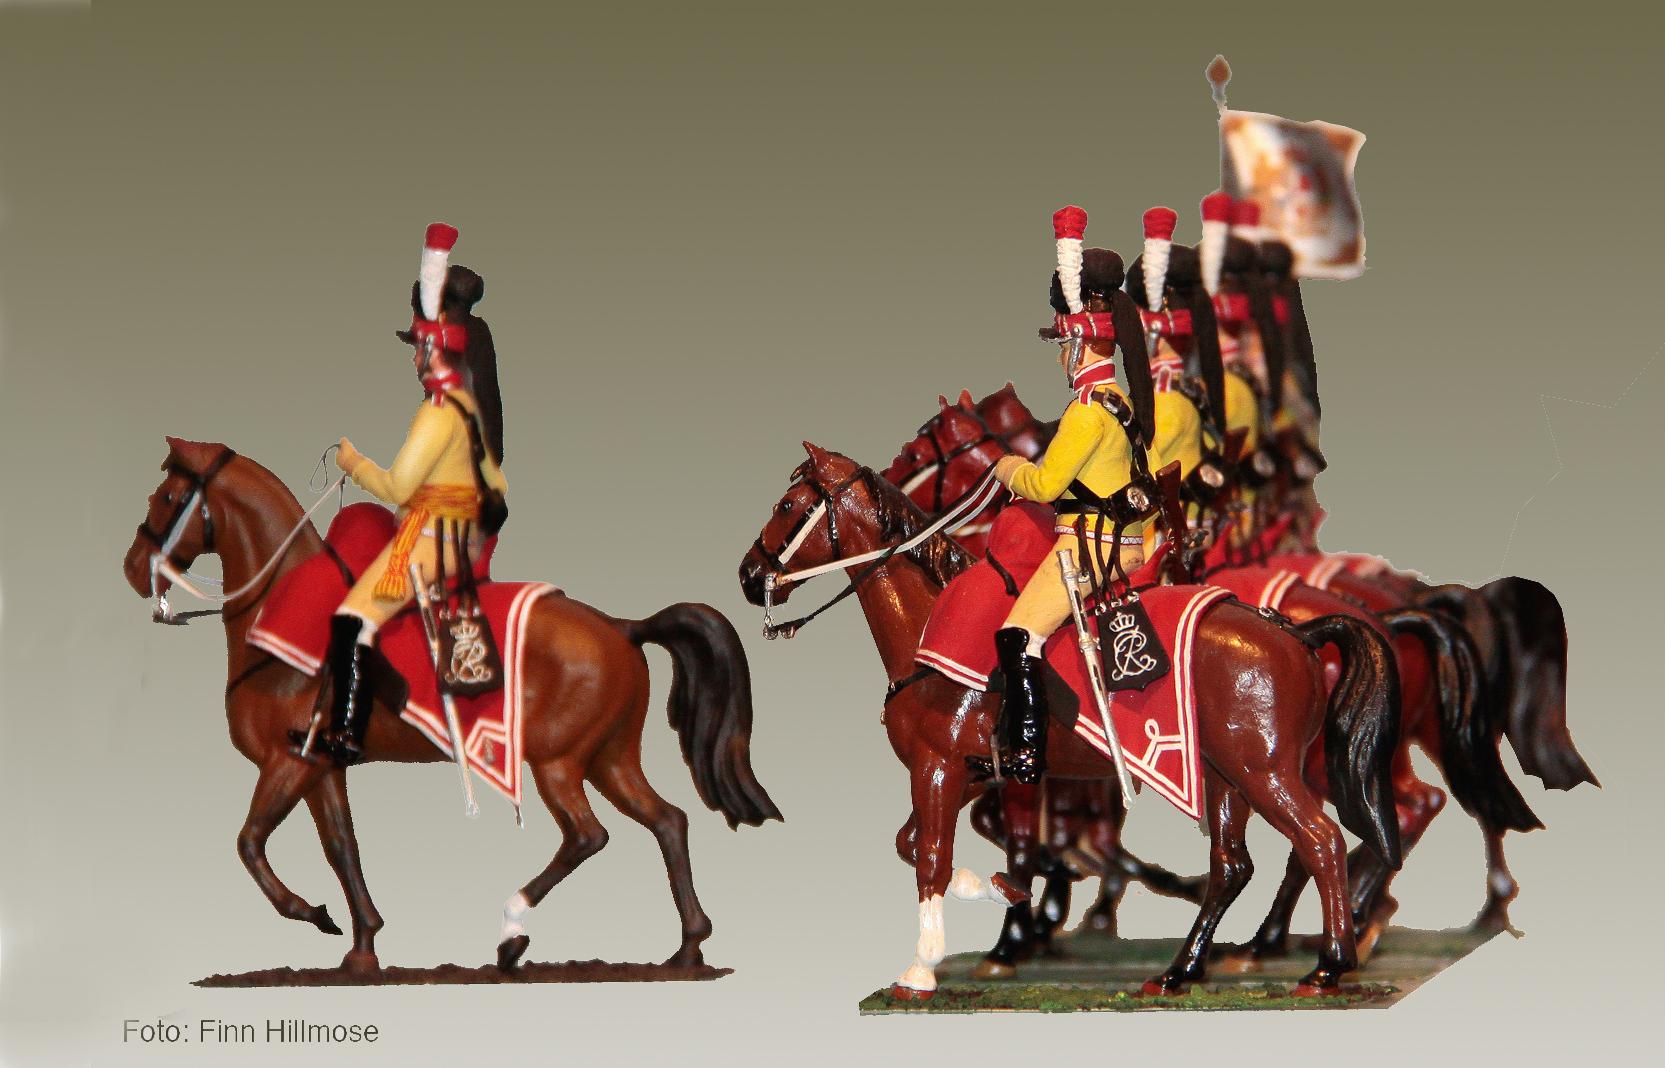 1813-Danmark-Den-Kongl.-Livgarde-til-Hest-officer-estandart-og-gardere